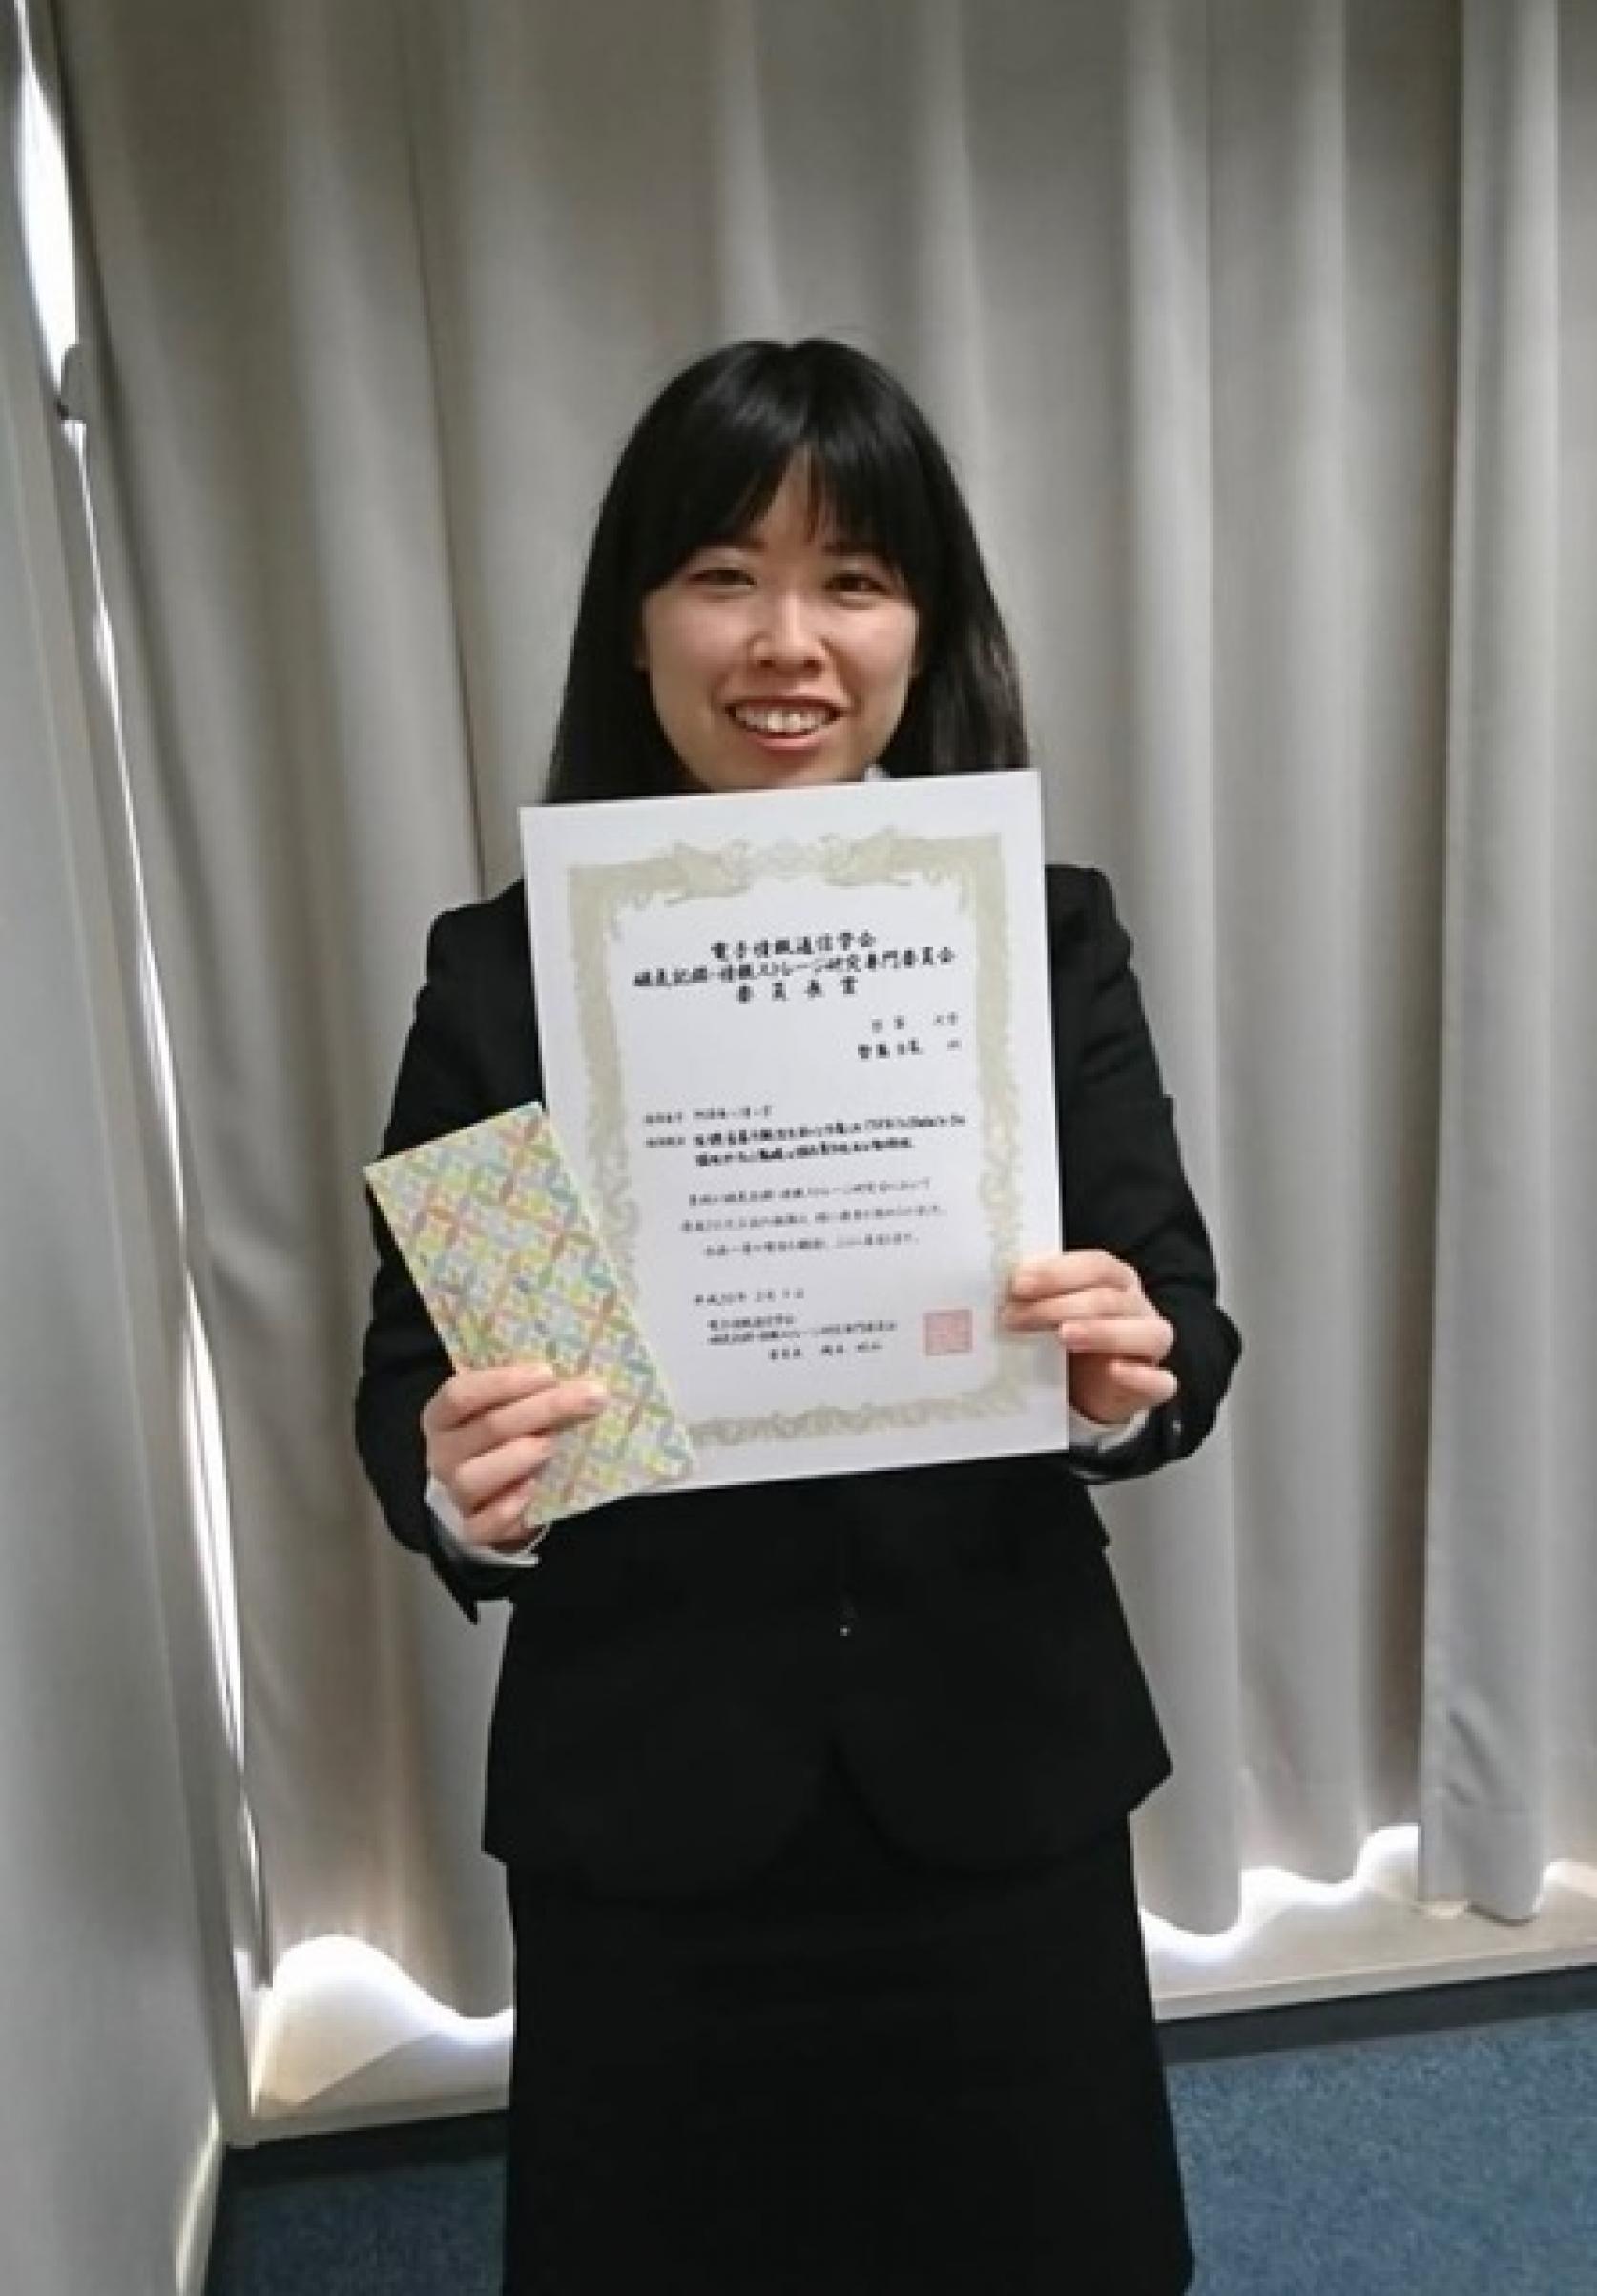 電子工学専攻2年の齊藤日菜さんが「電子情報通信学会」の磁気記録・情報ストレージ研究会において、委員長賞を受賞しました。